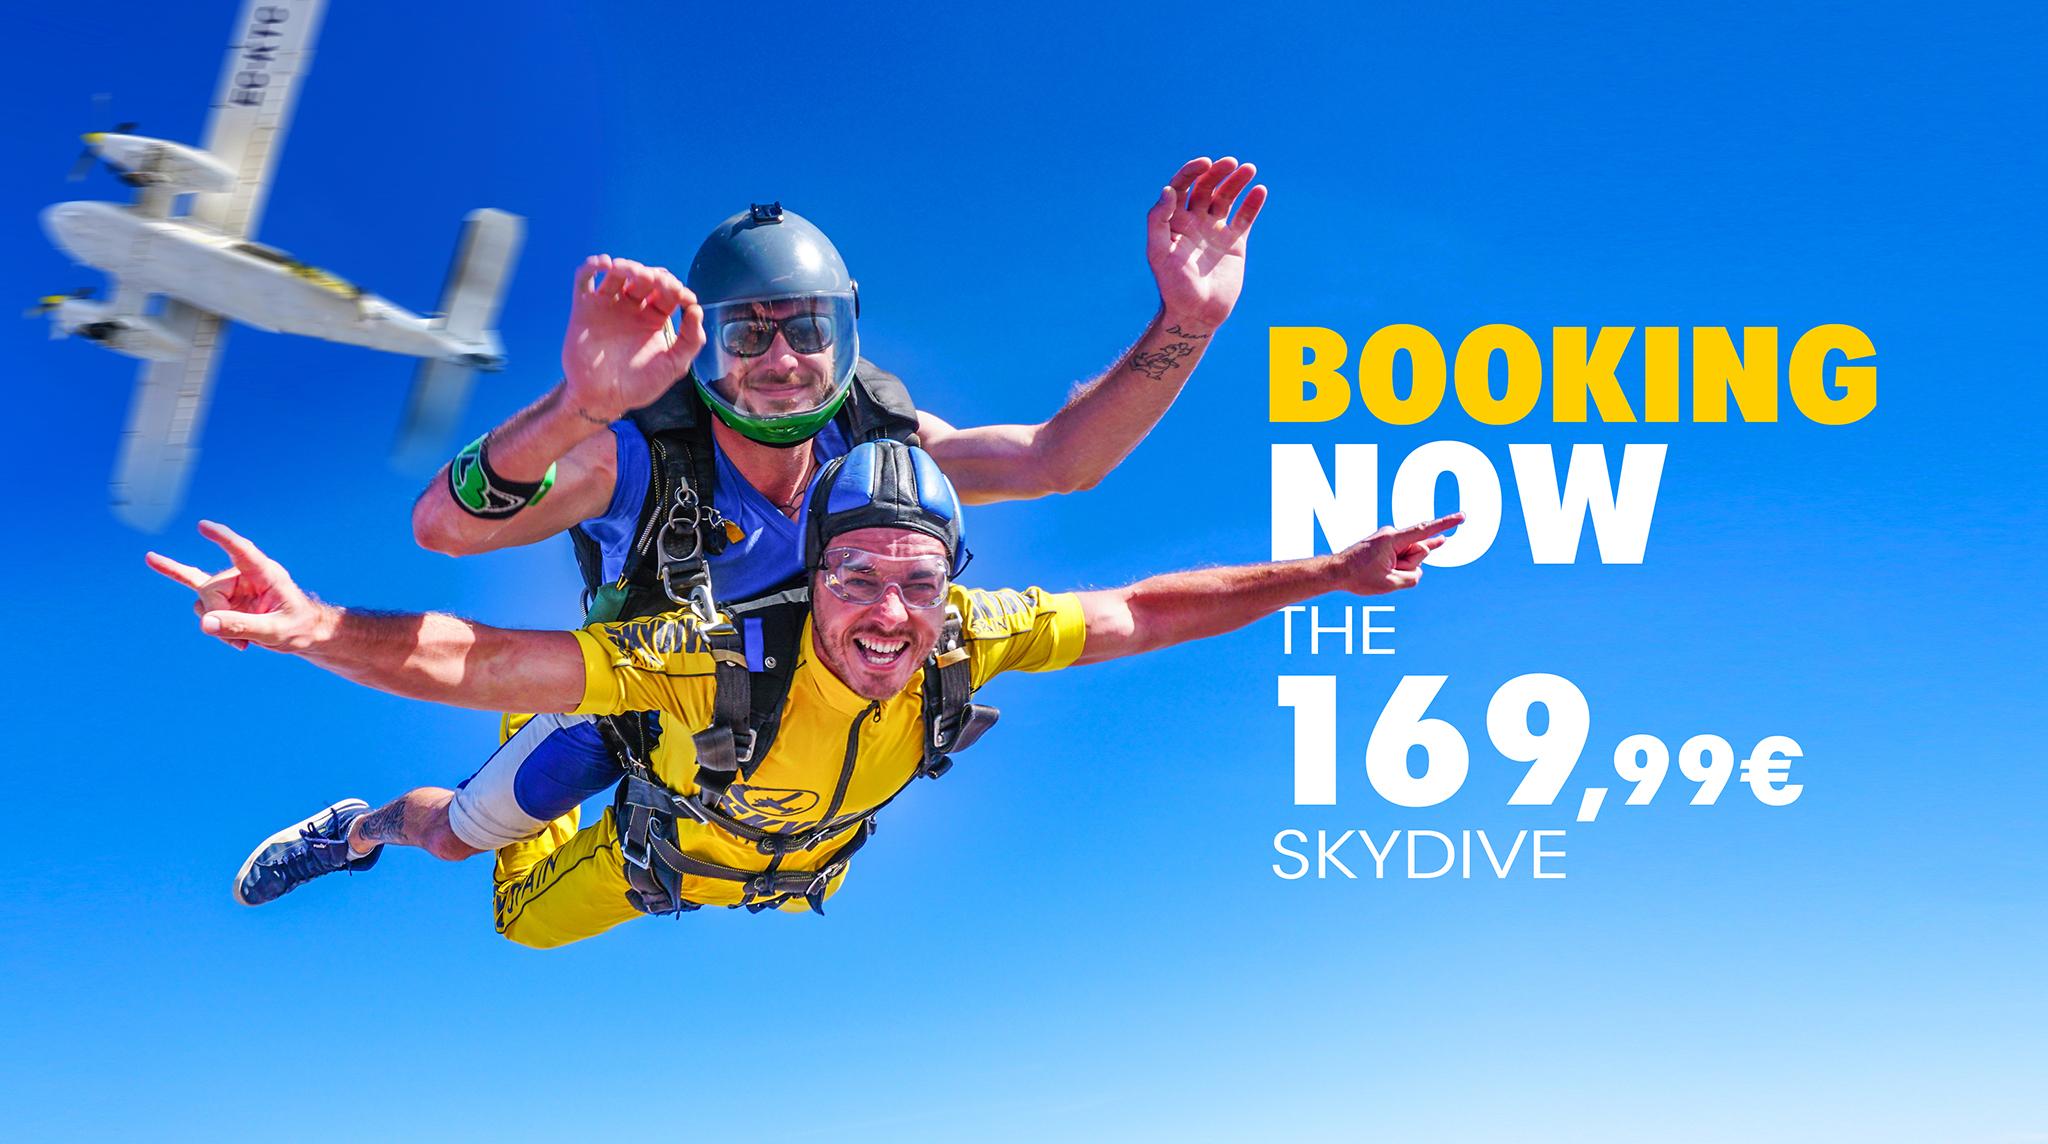 Tandem skydive at Skydive Spain